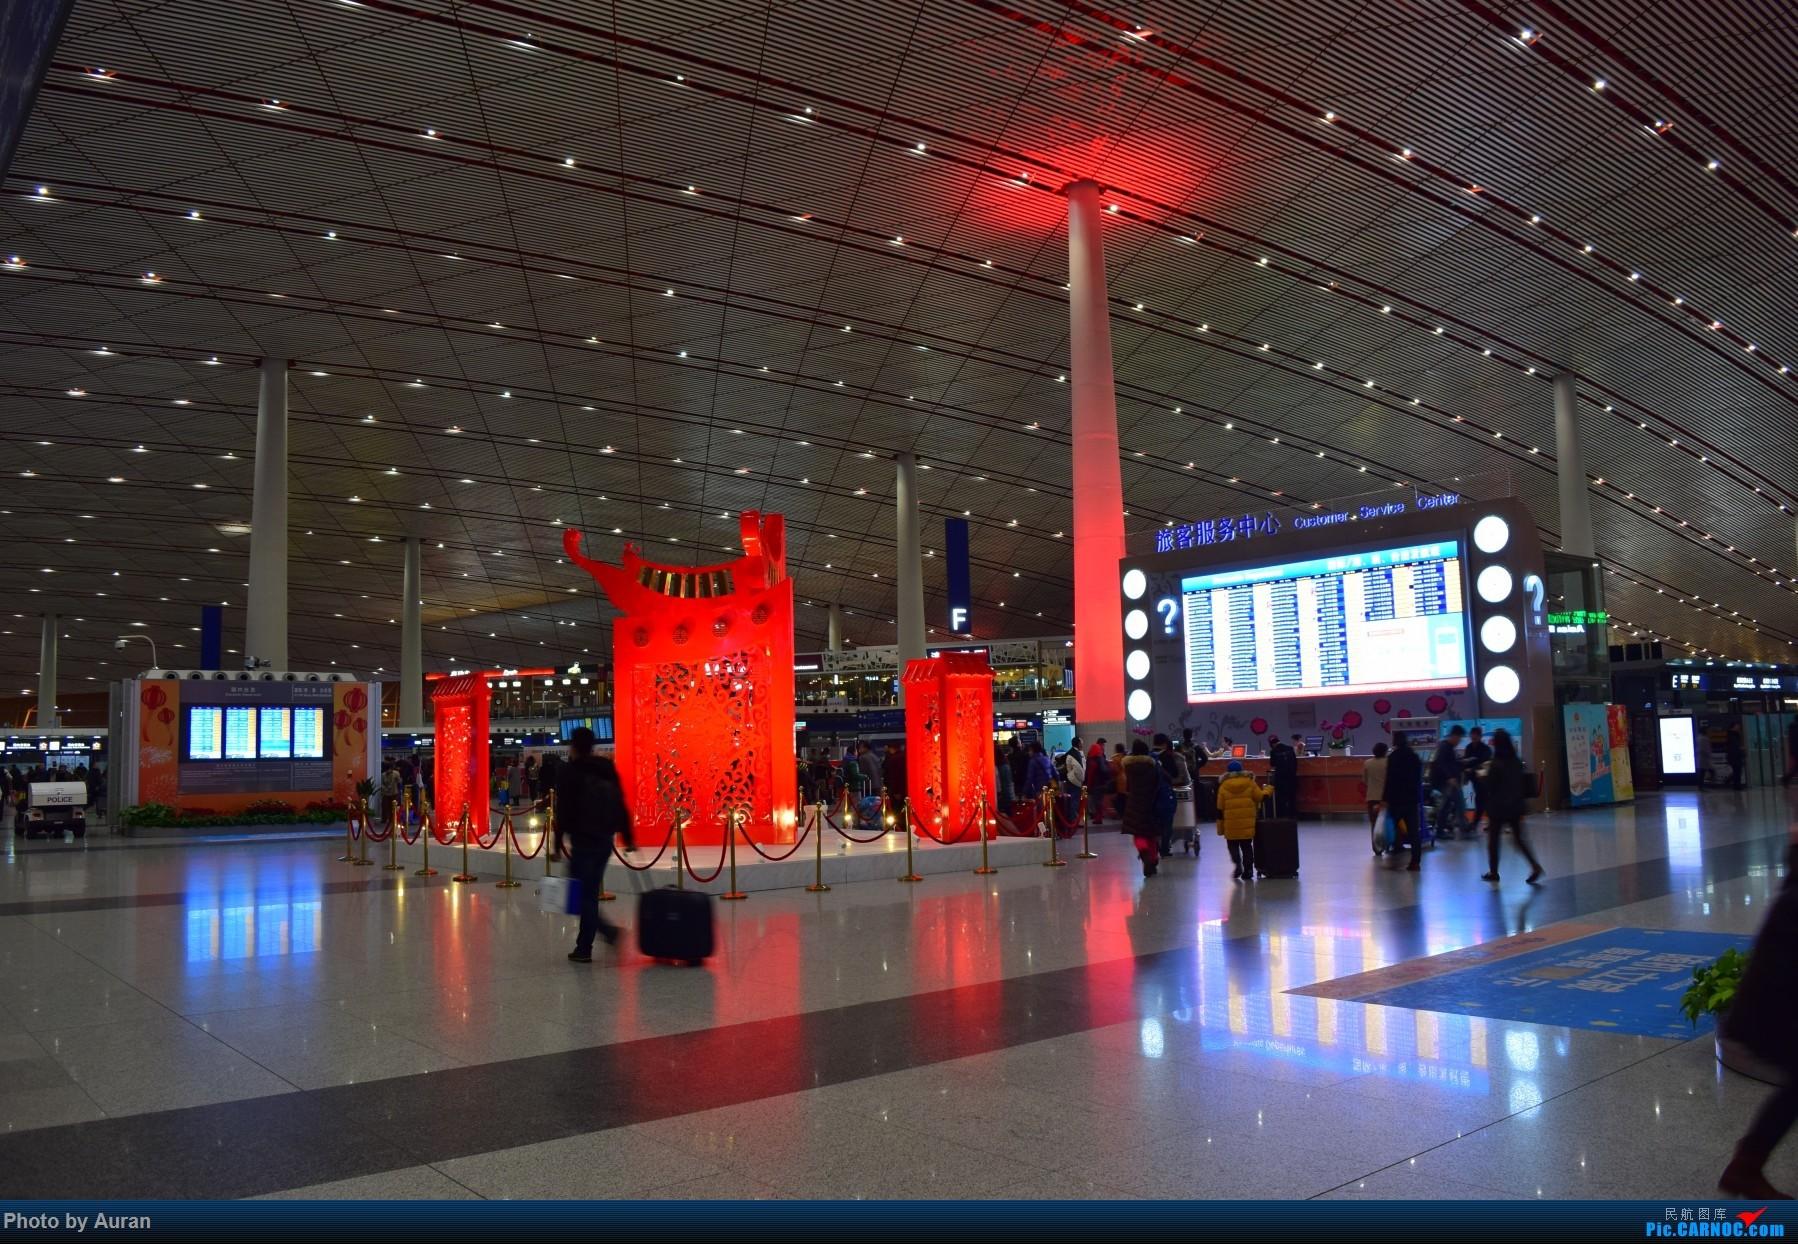 [原创]【Auran游记3】2016寒假大学回家    中国北京首都国际机场